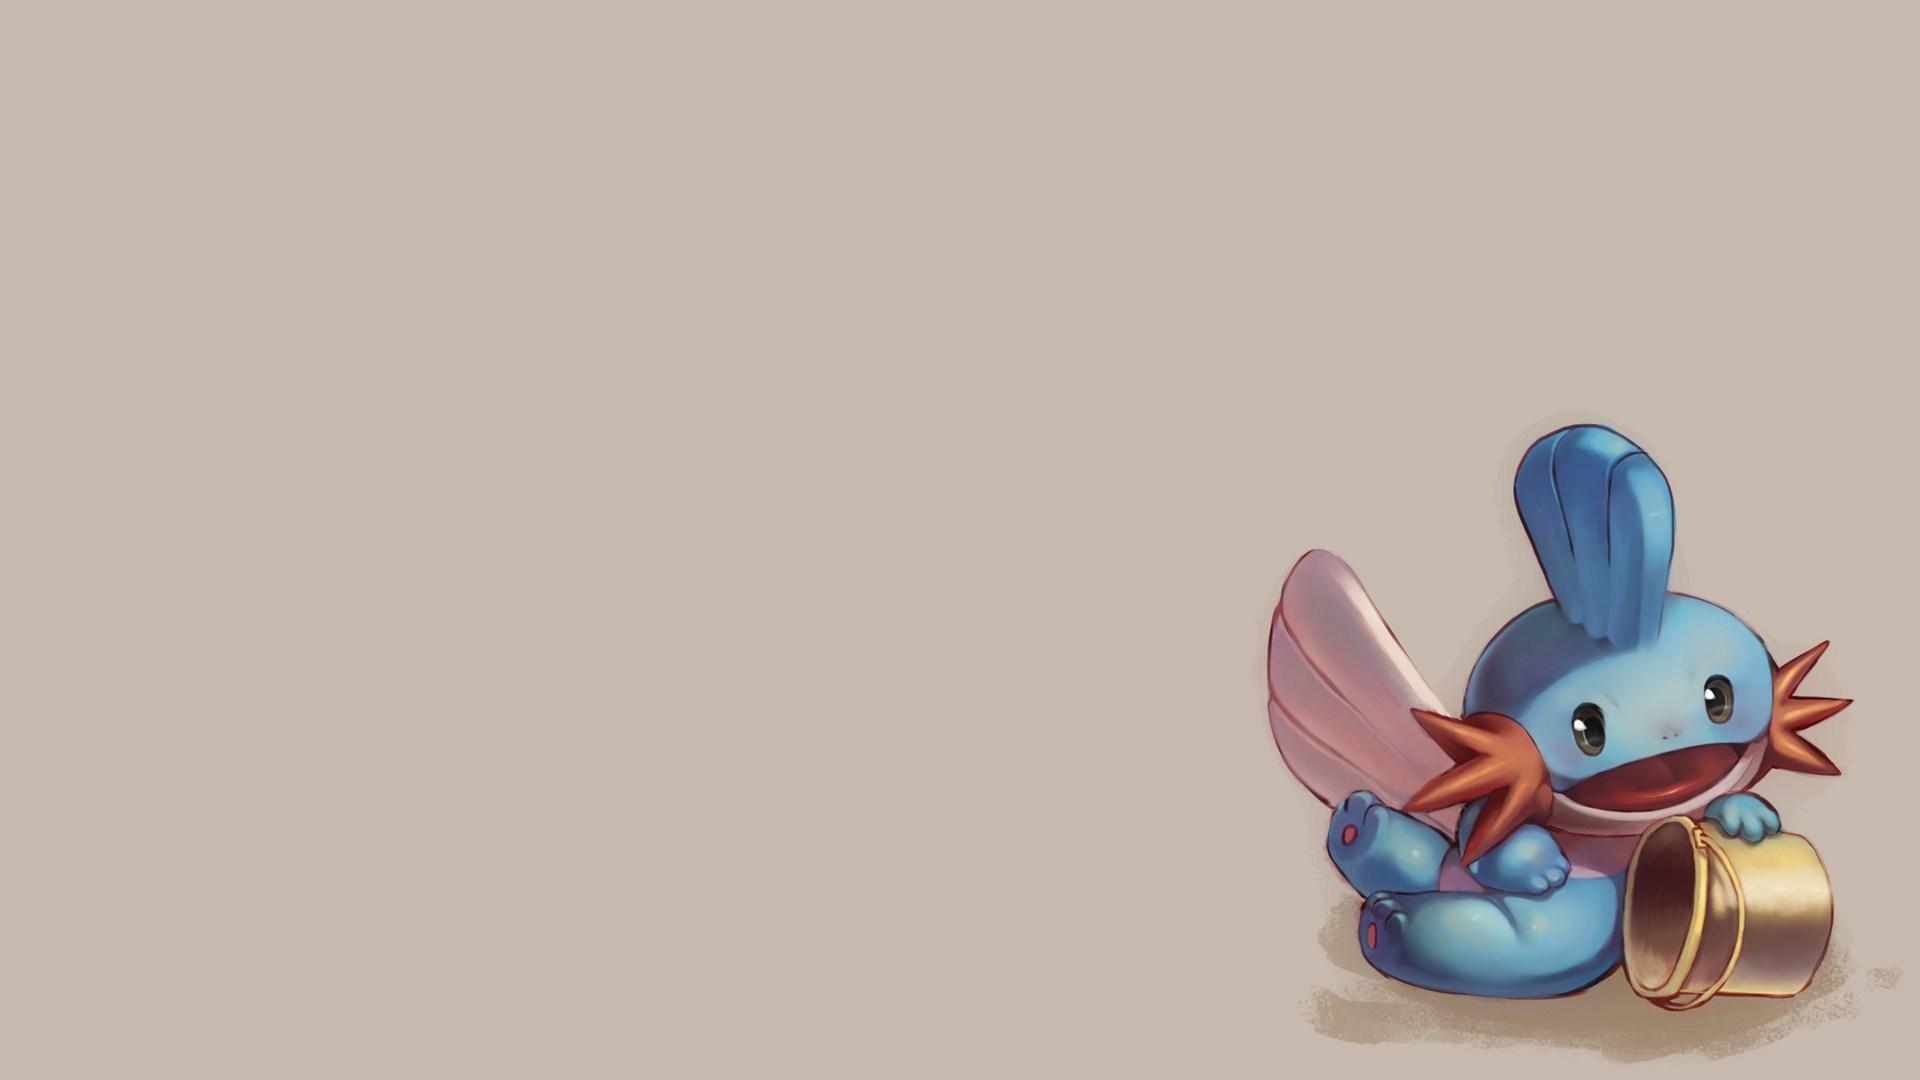 Mudkip Pokemon Cartoon